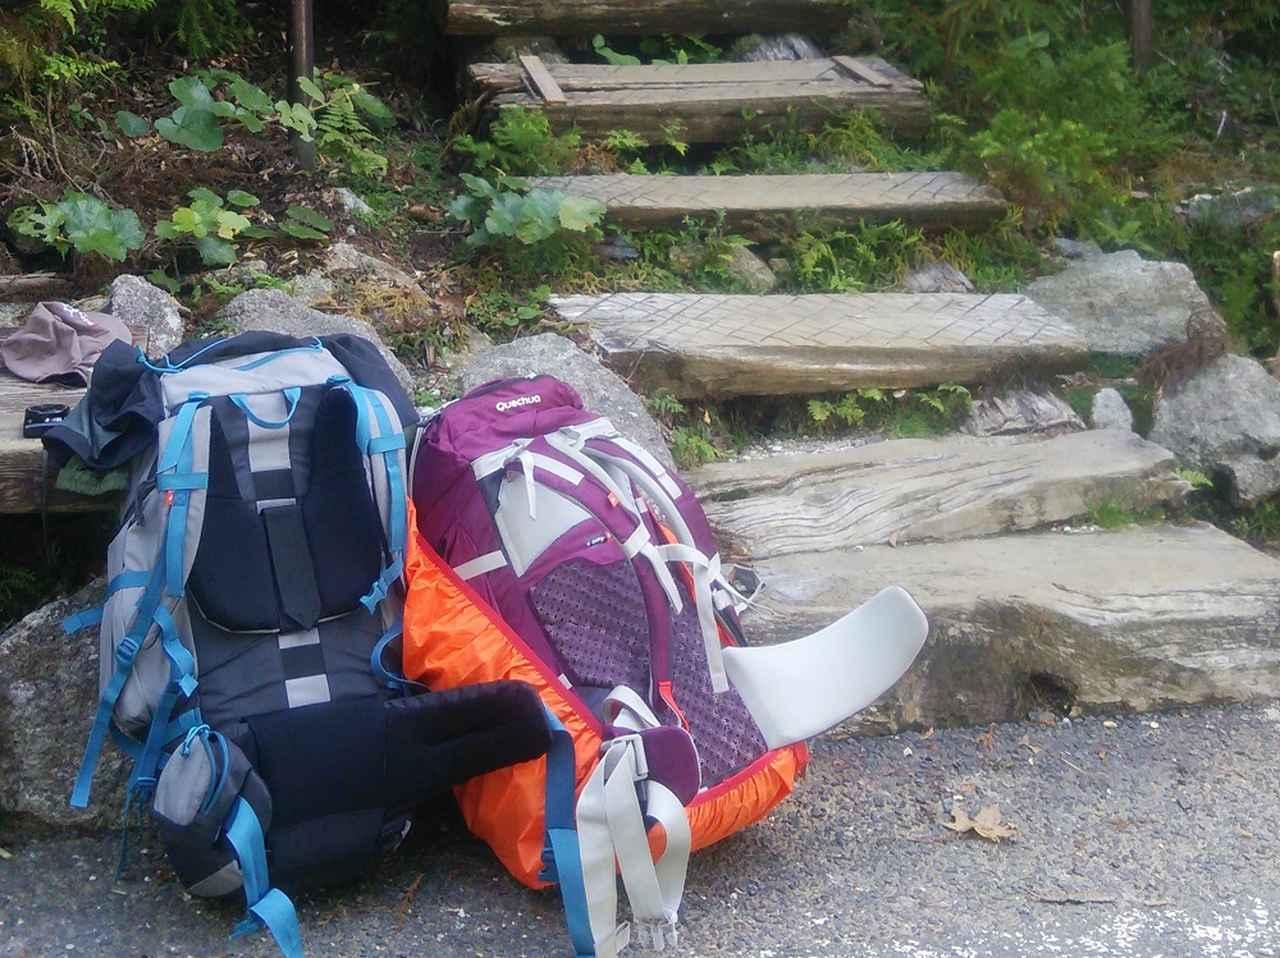 画像: 【初心者向け】登山の前の大切な準備! 事前に正しく情報収集して必要なモノを揃えよう - ハピキャン(HAPPY CAMPER)